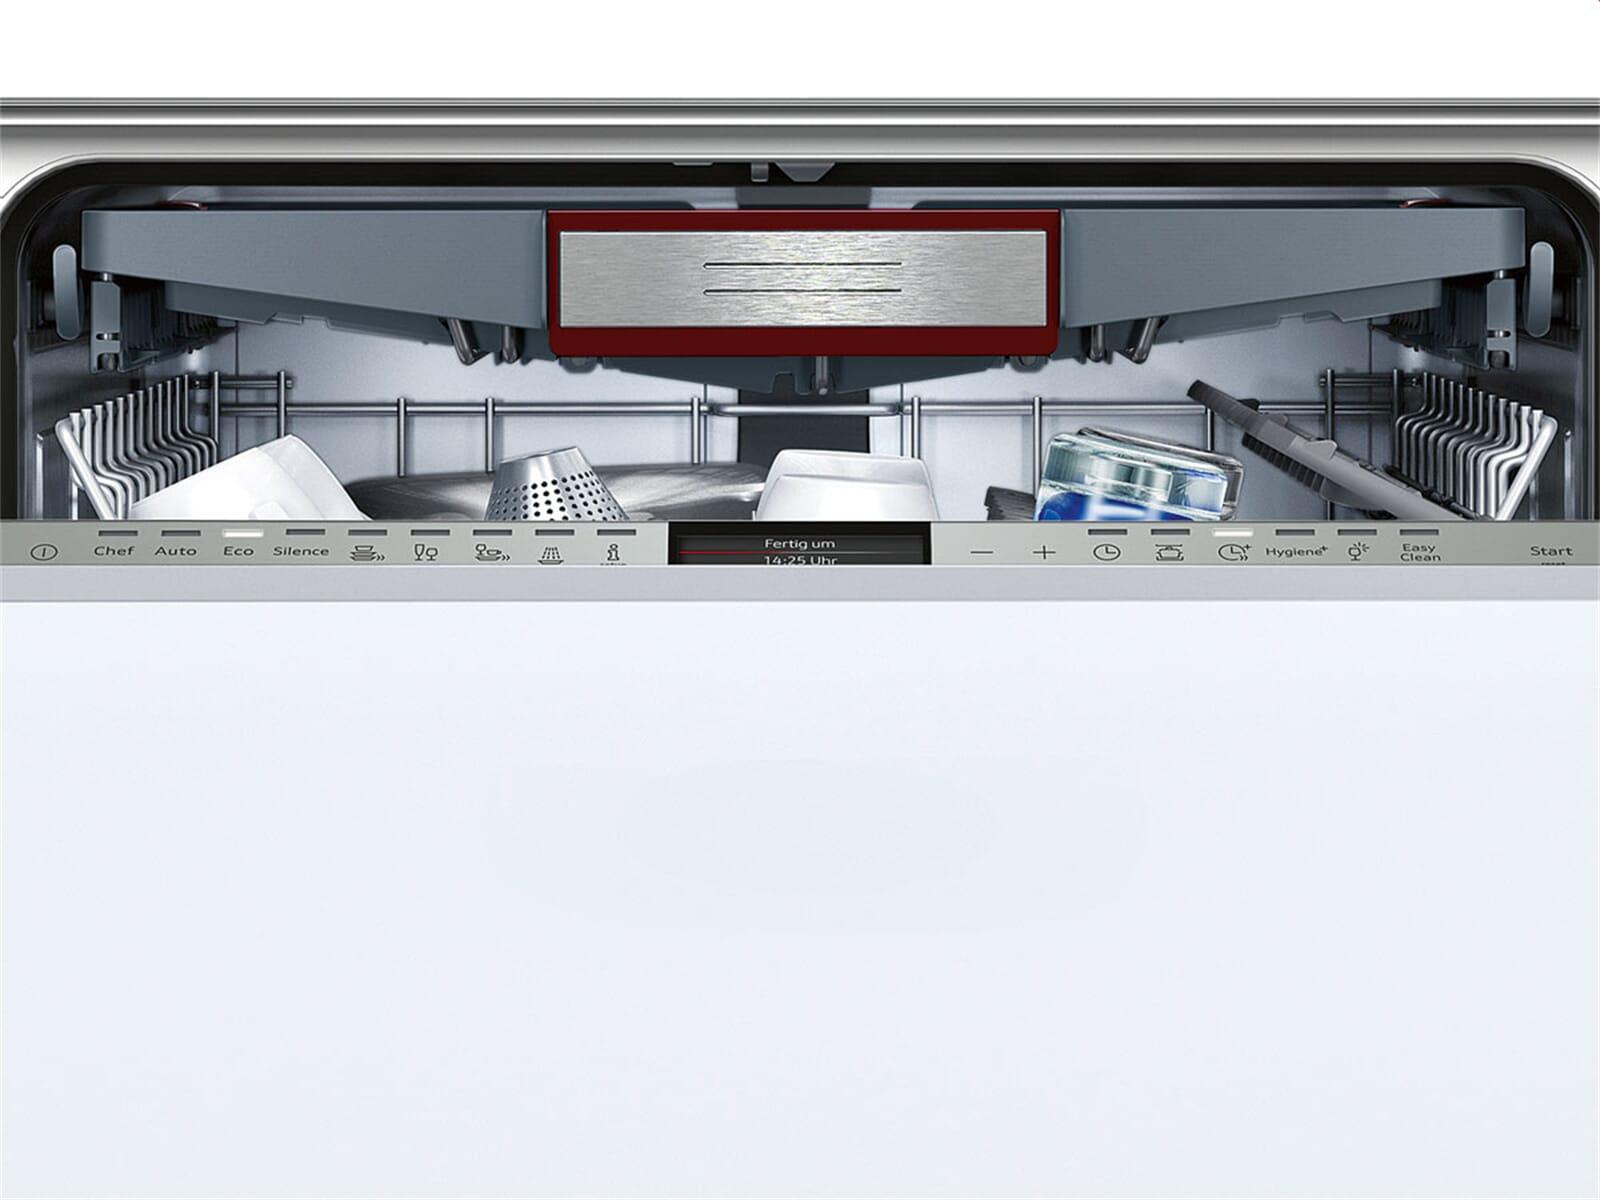 Neff spülmaschine gebrauchsanleitung: neff excellent spülmaschine